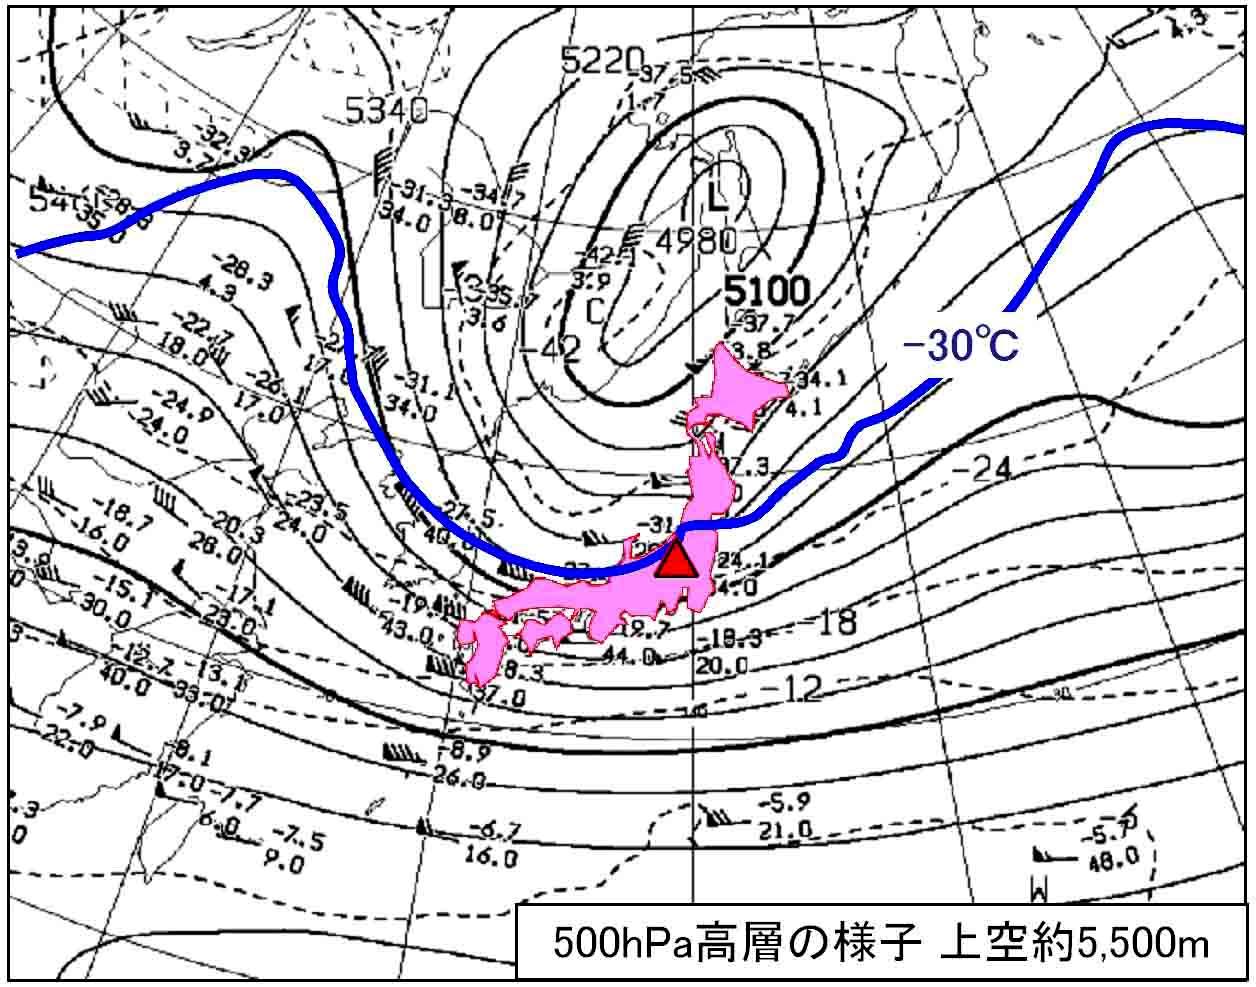 17日午前9時の500hPa天気図